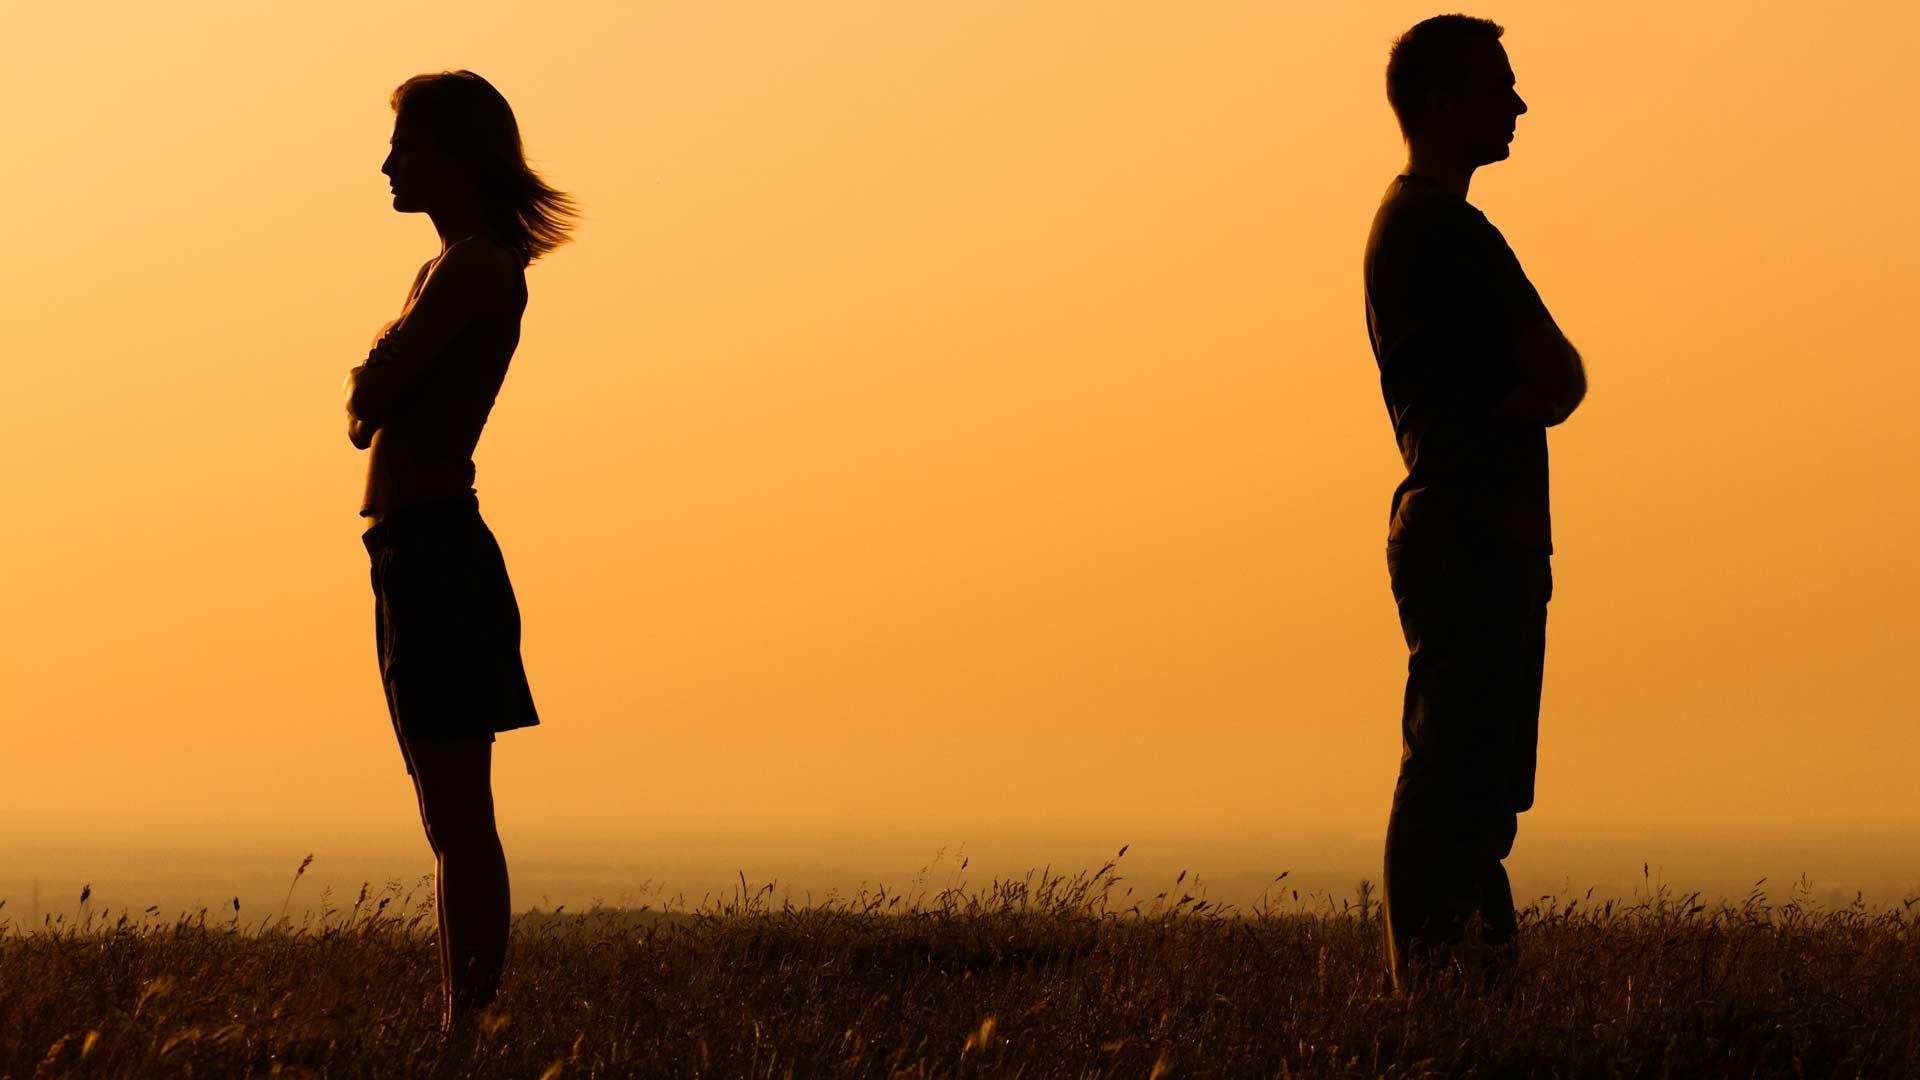 Divorce cases up in Salyan